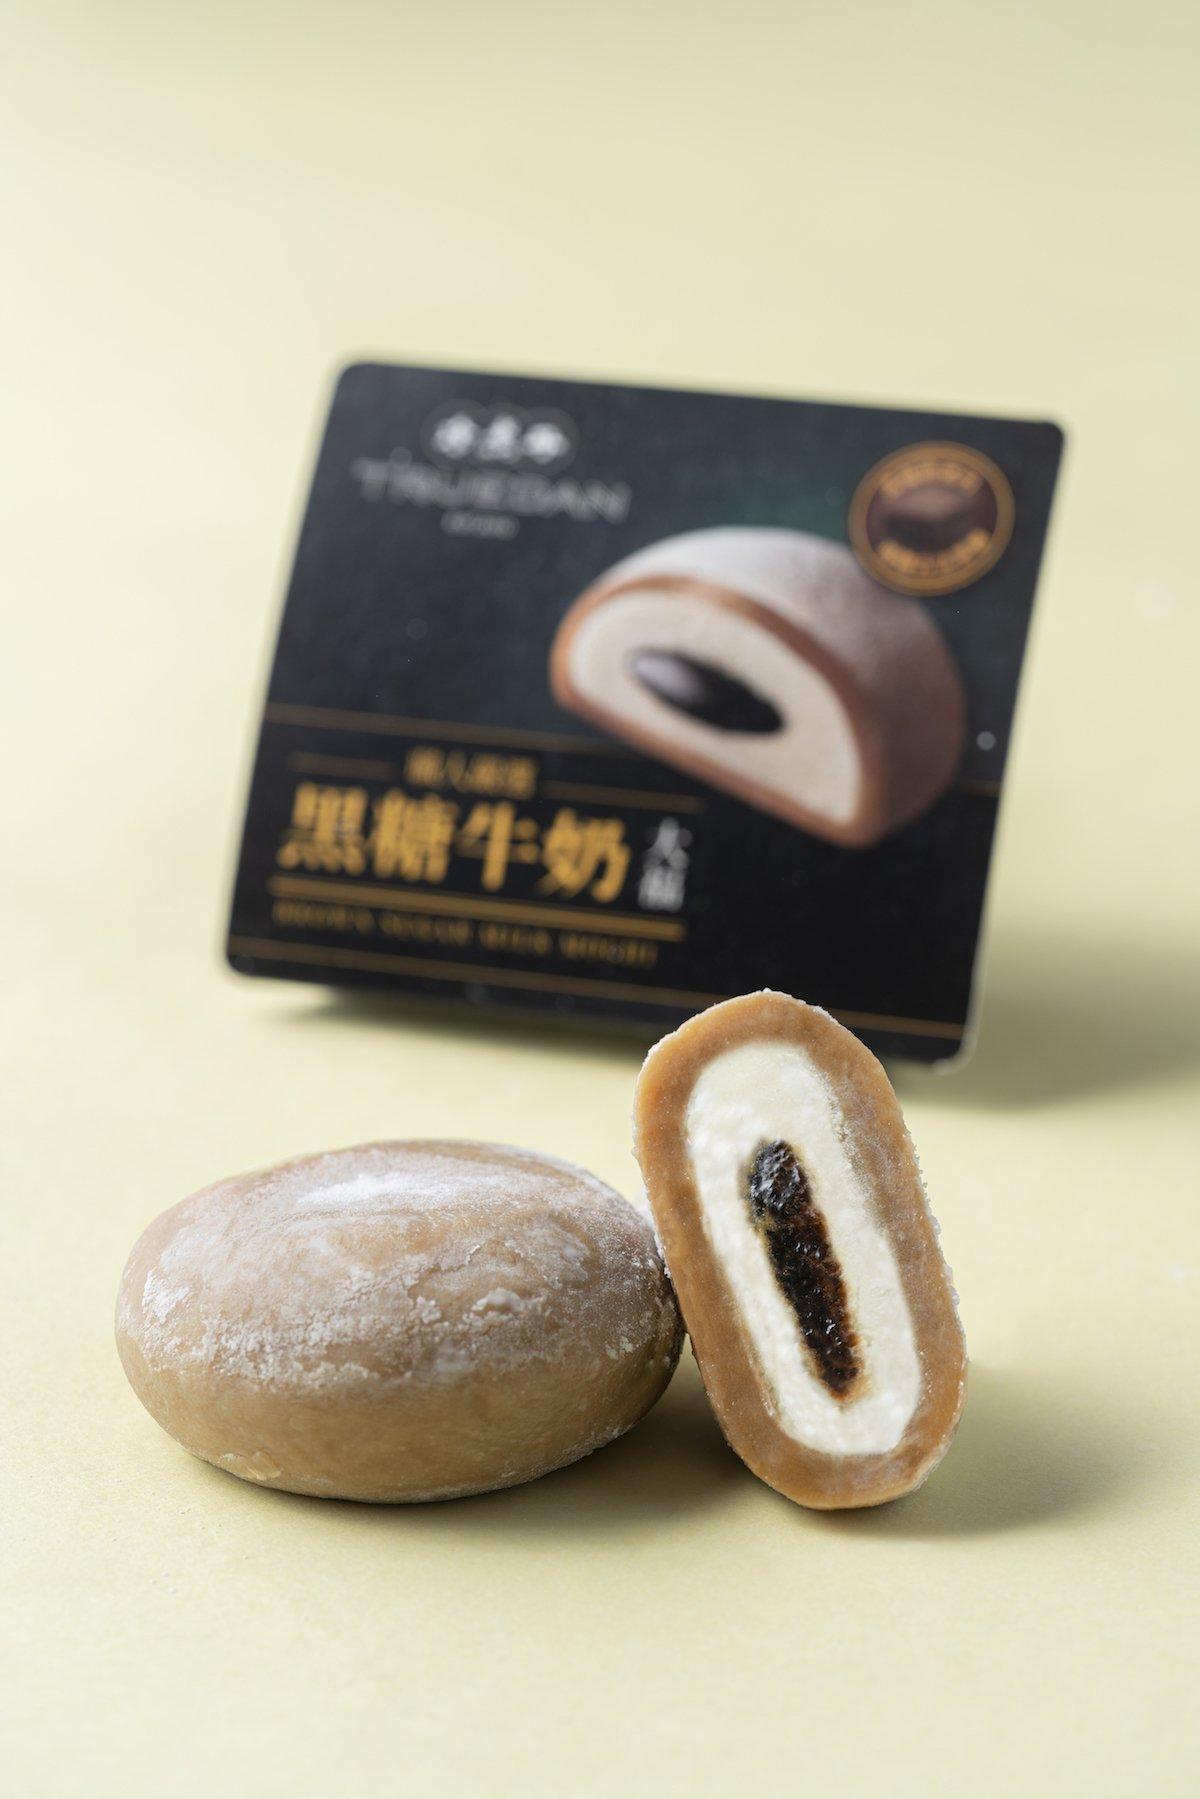 「黑糖牛奶大福」搭配現沖茶飲享用,別有一番滋味。圖/珍煮丹提供